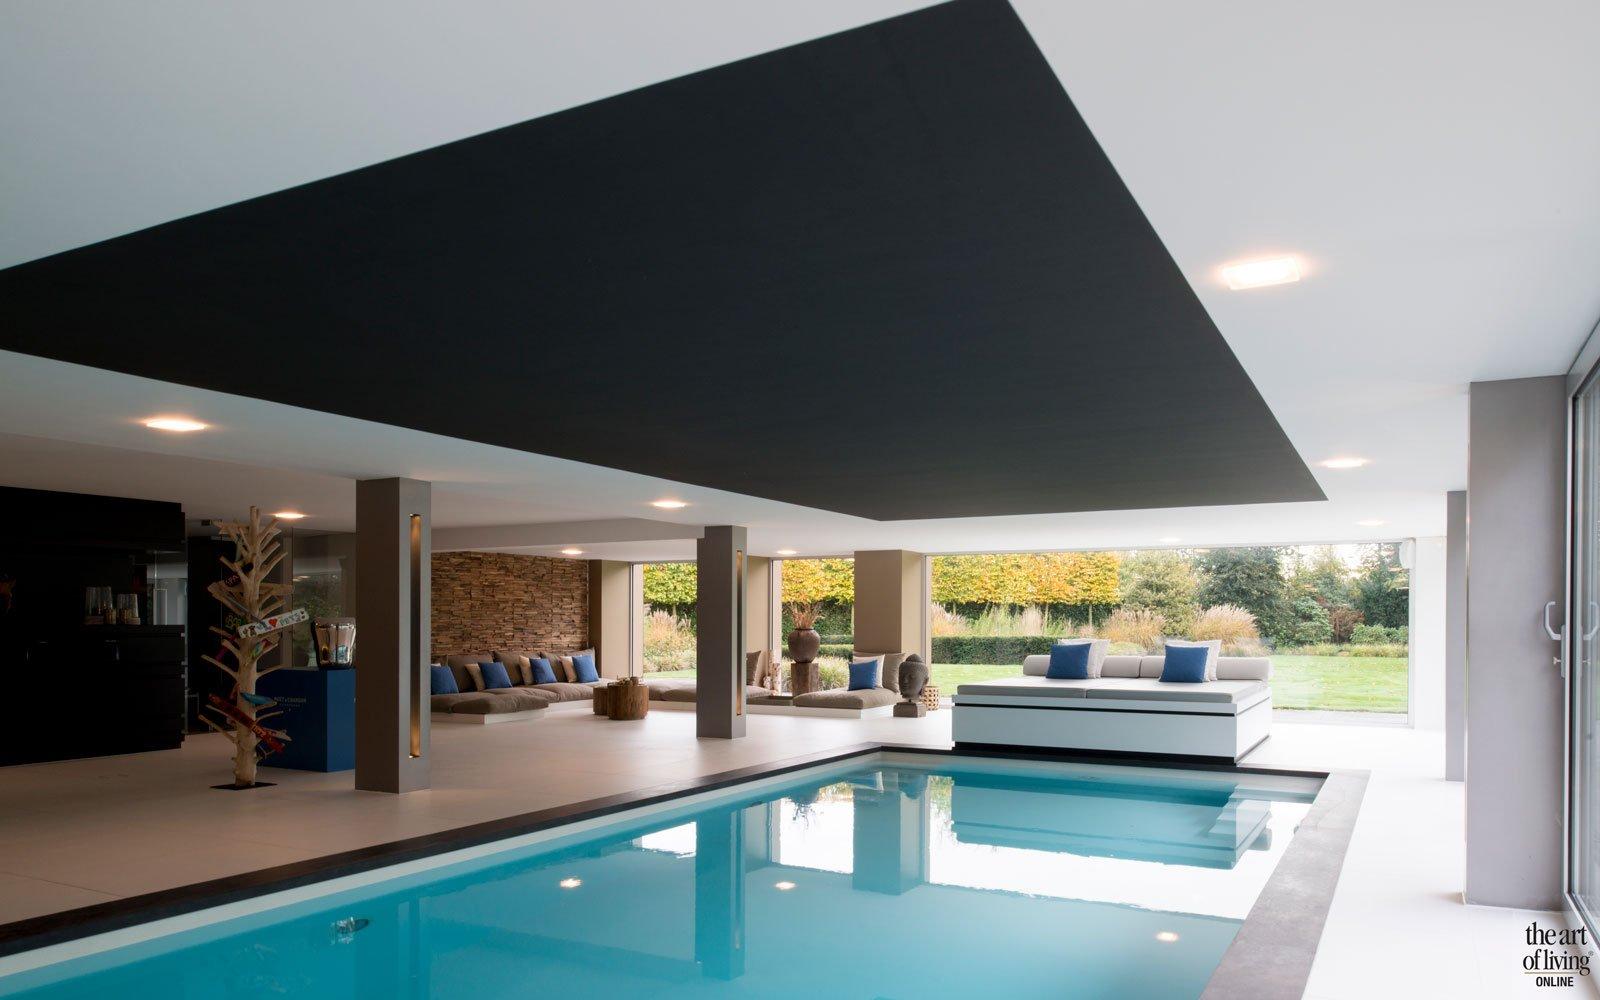 Verbouwing moderne villa, VVR Architecten, the art of living, zwembade, zwembad, pool, swimming pool, design, exclusief zwermbad, exclusieve zwembaden